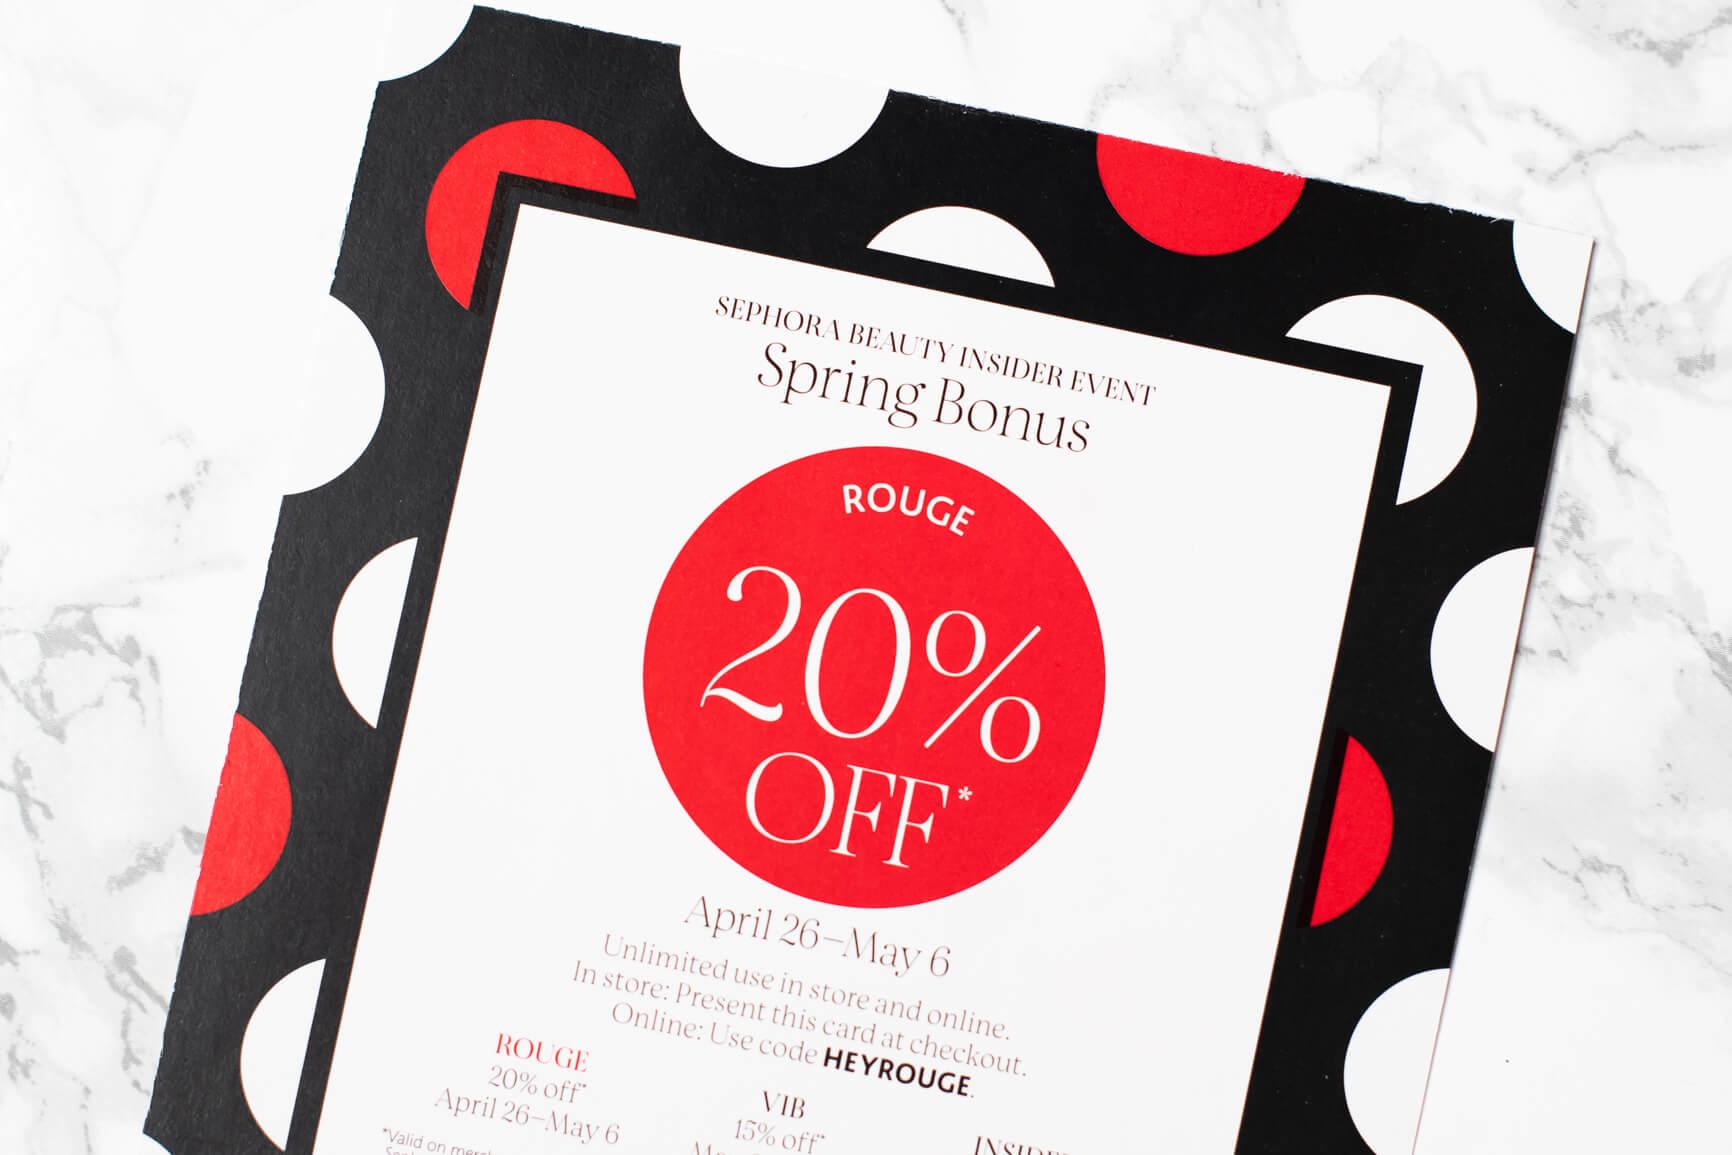 Sephora Spring Bonus Booklet